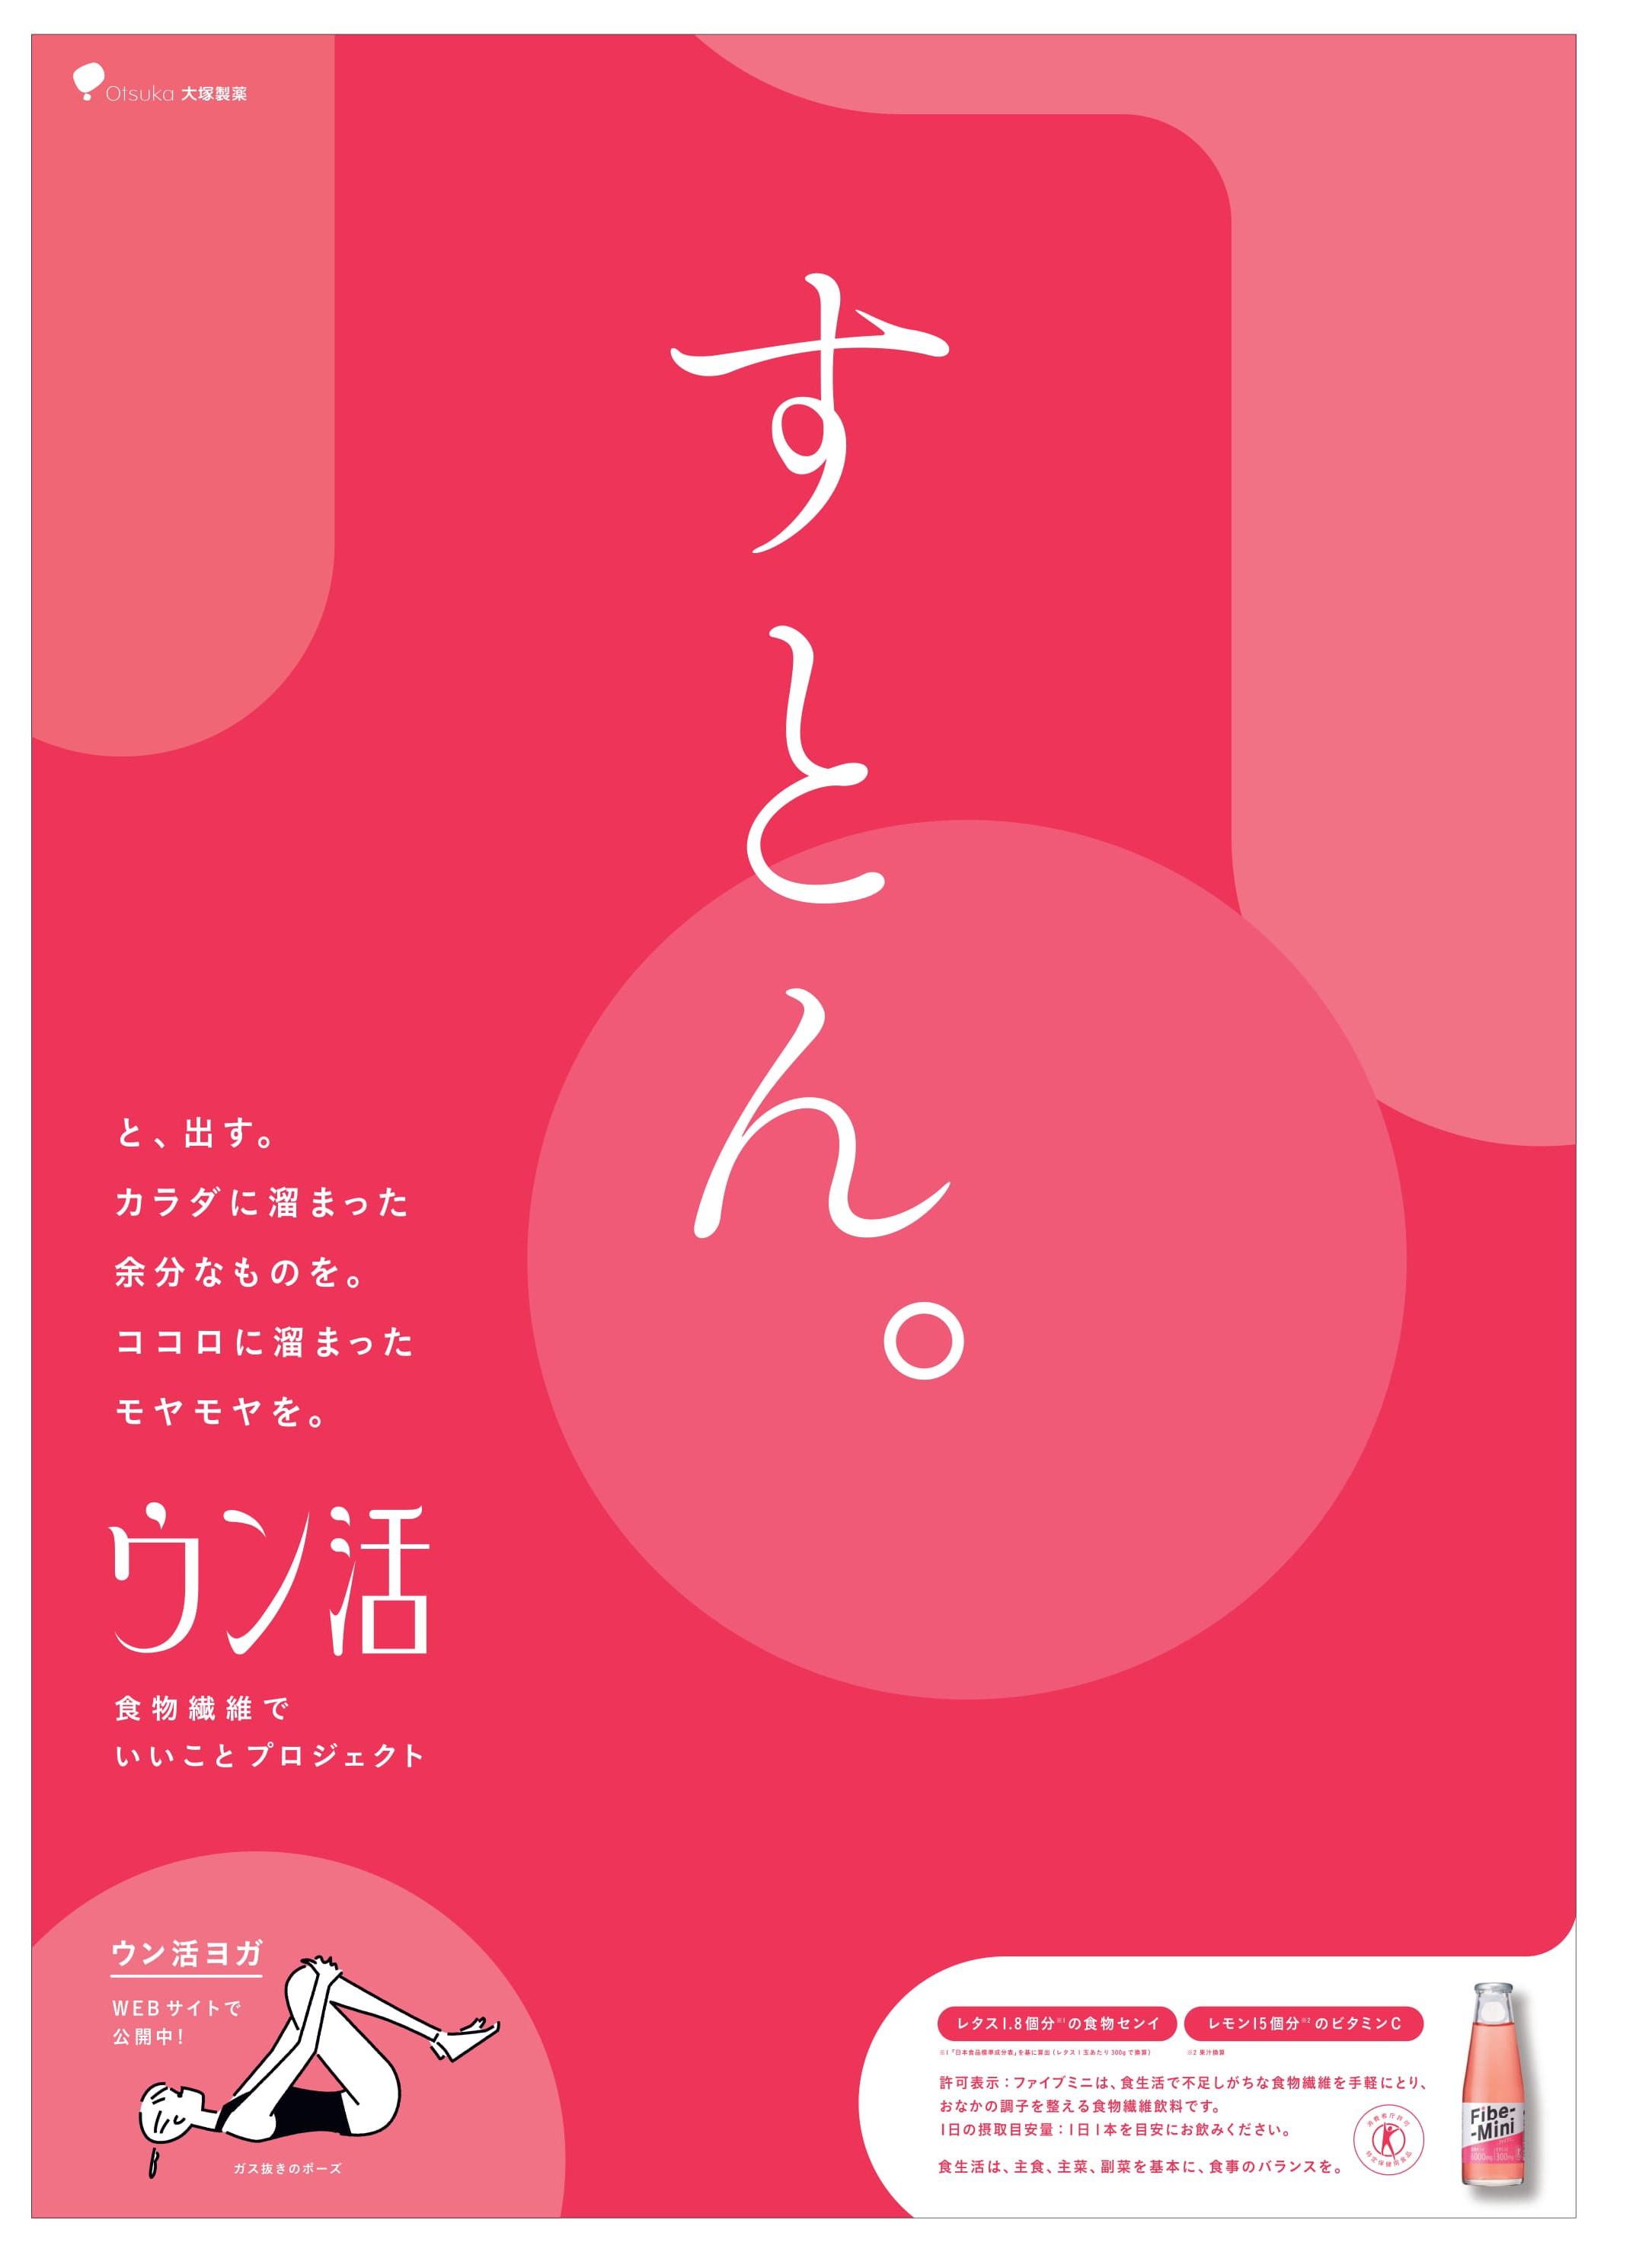 ウン活_B2poster_210412[2]-1